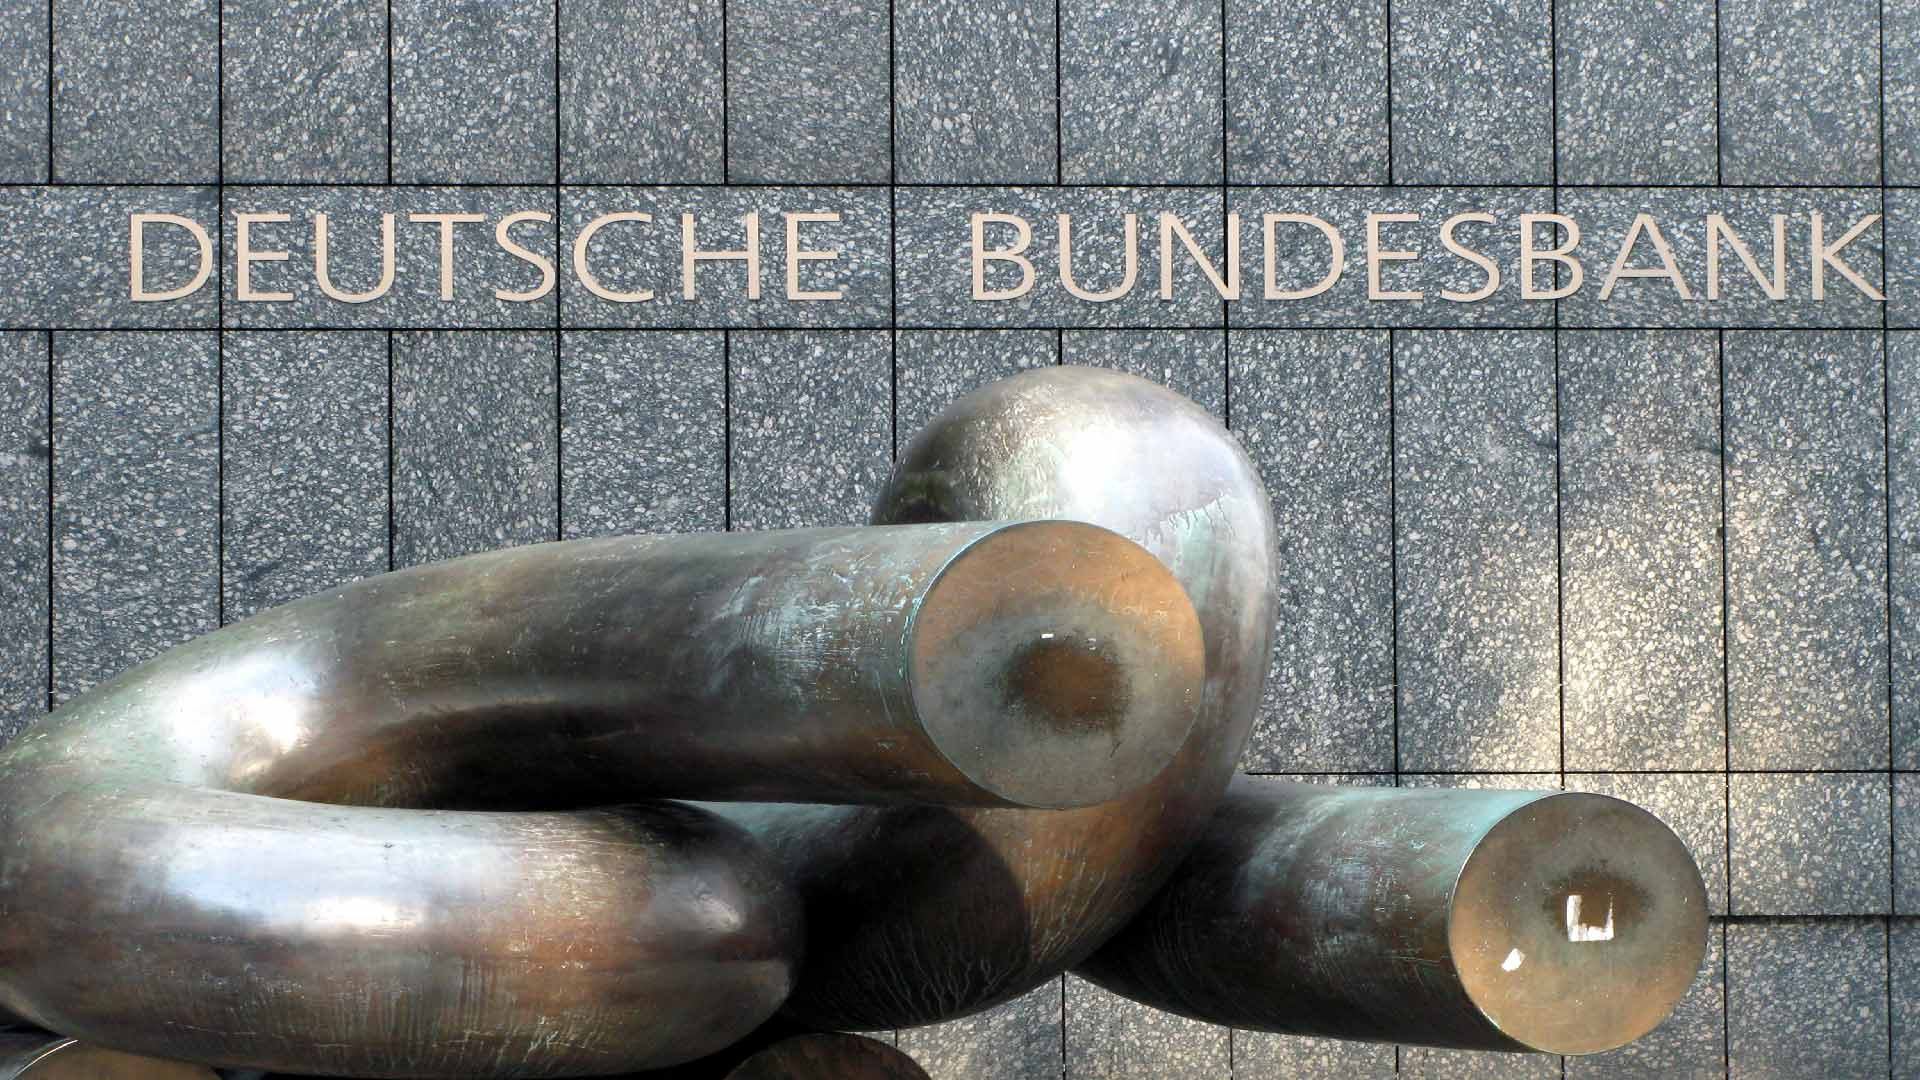 El ente monetario germano destacó que para el siguiente trimestre habrá mucho crecimiento en esta área